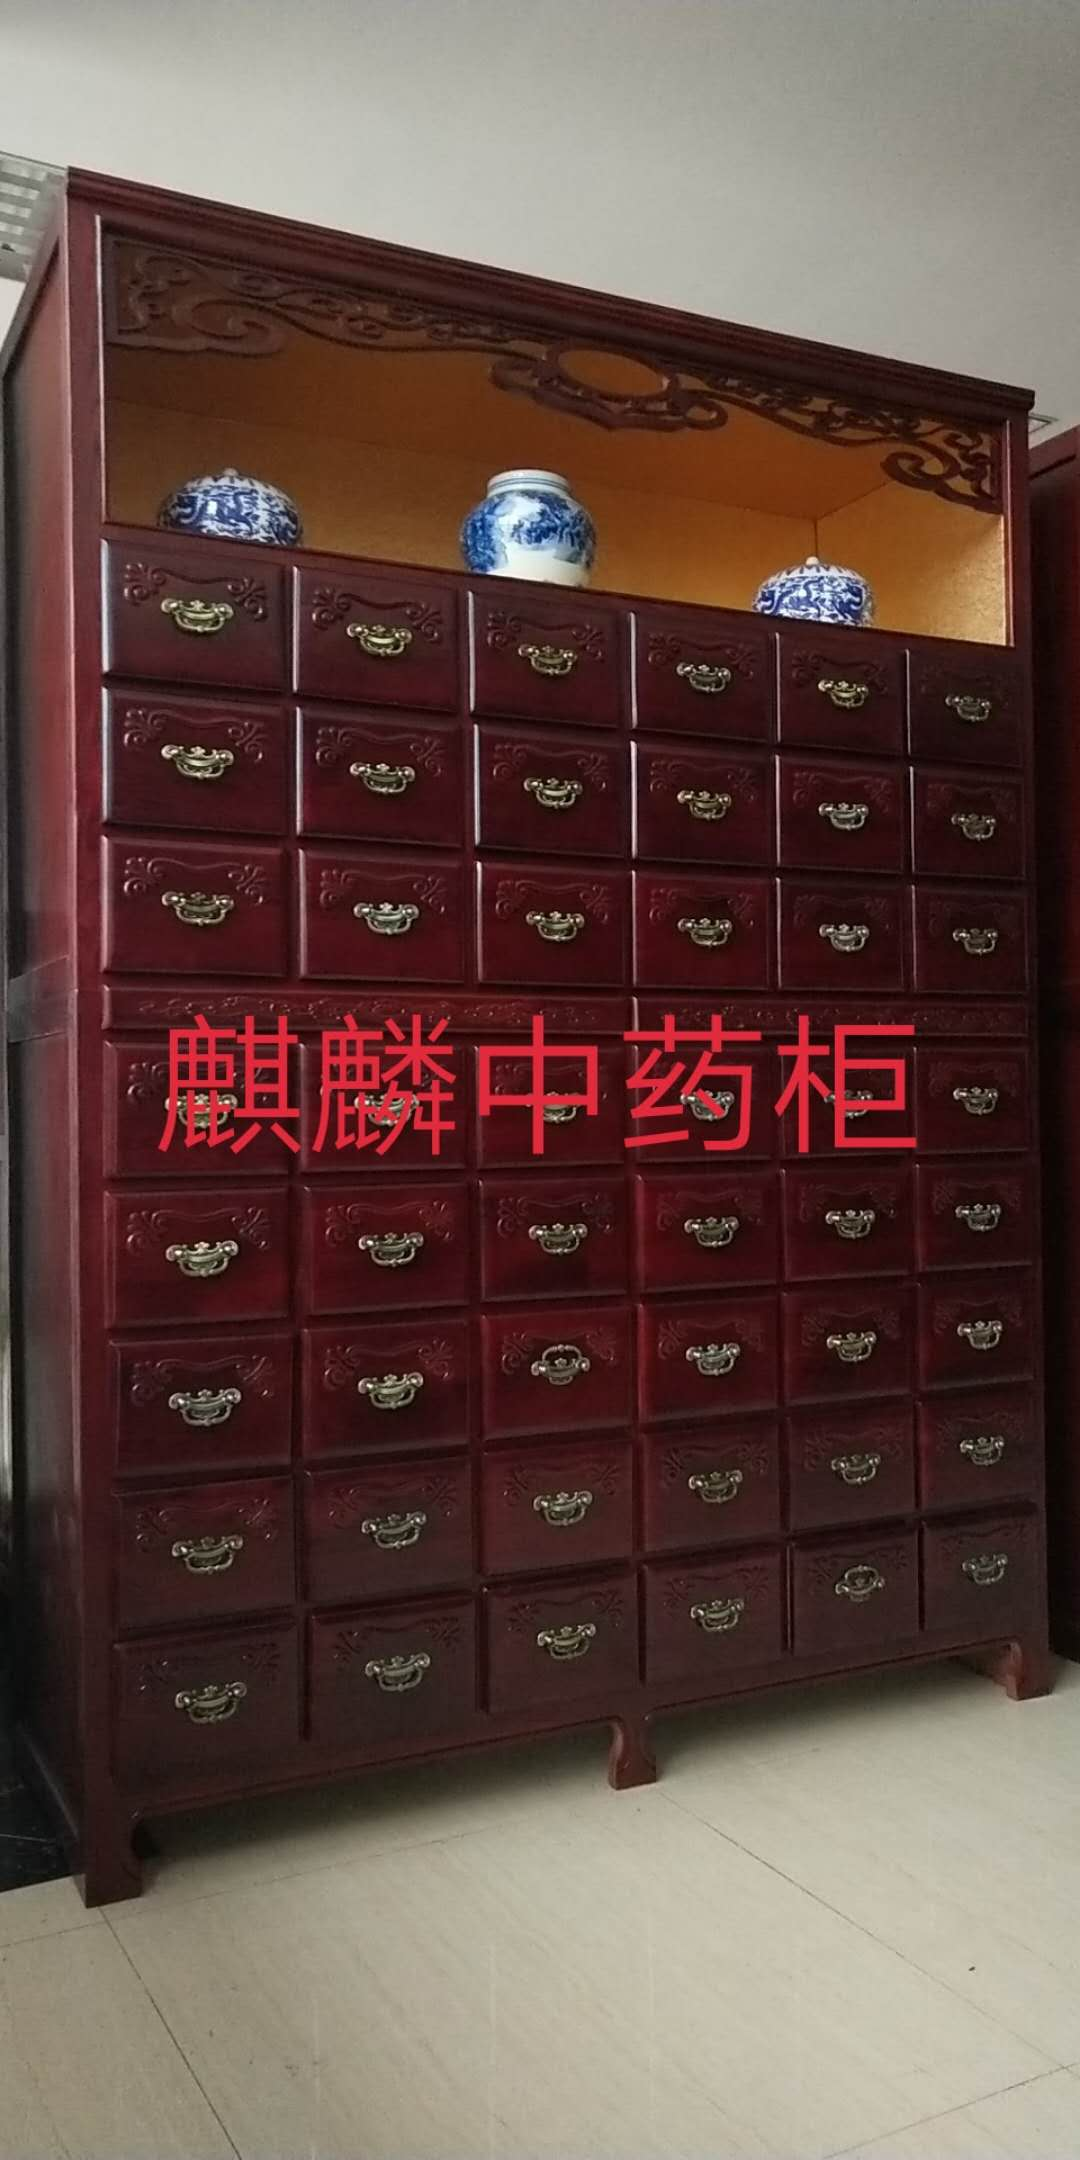 麒麟中药柜实木中药柜 医院药房专用水曲柳药柜子中药柜